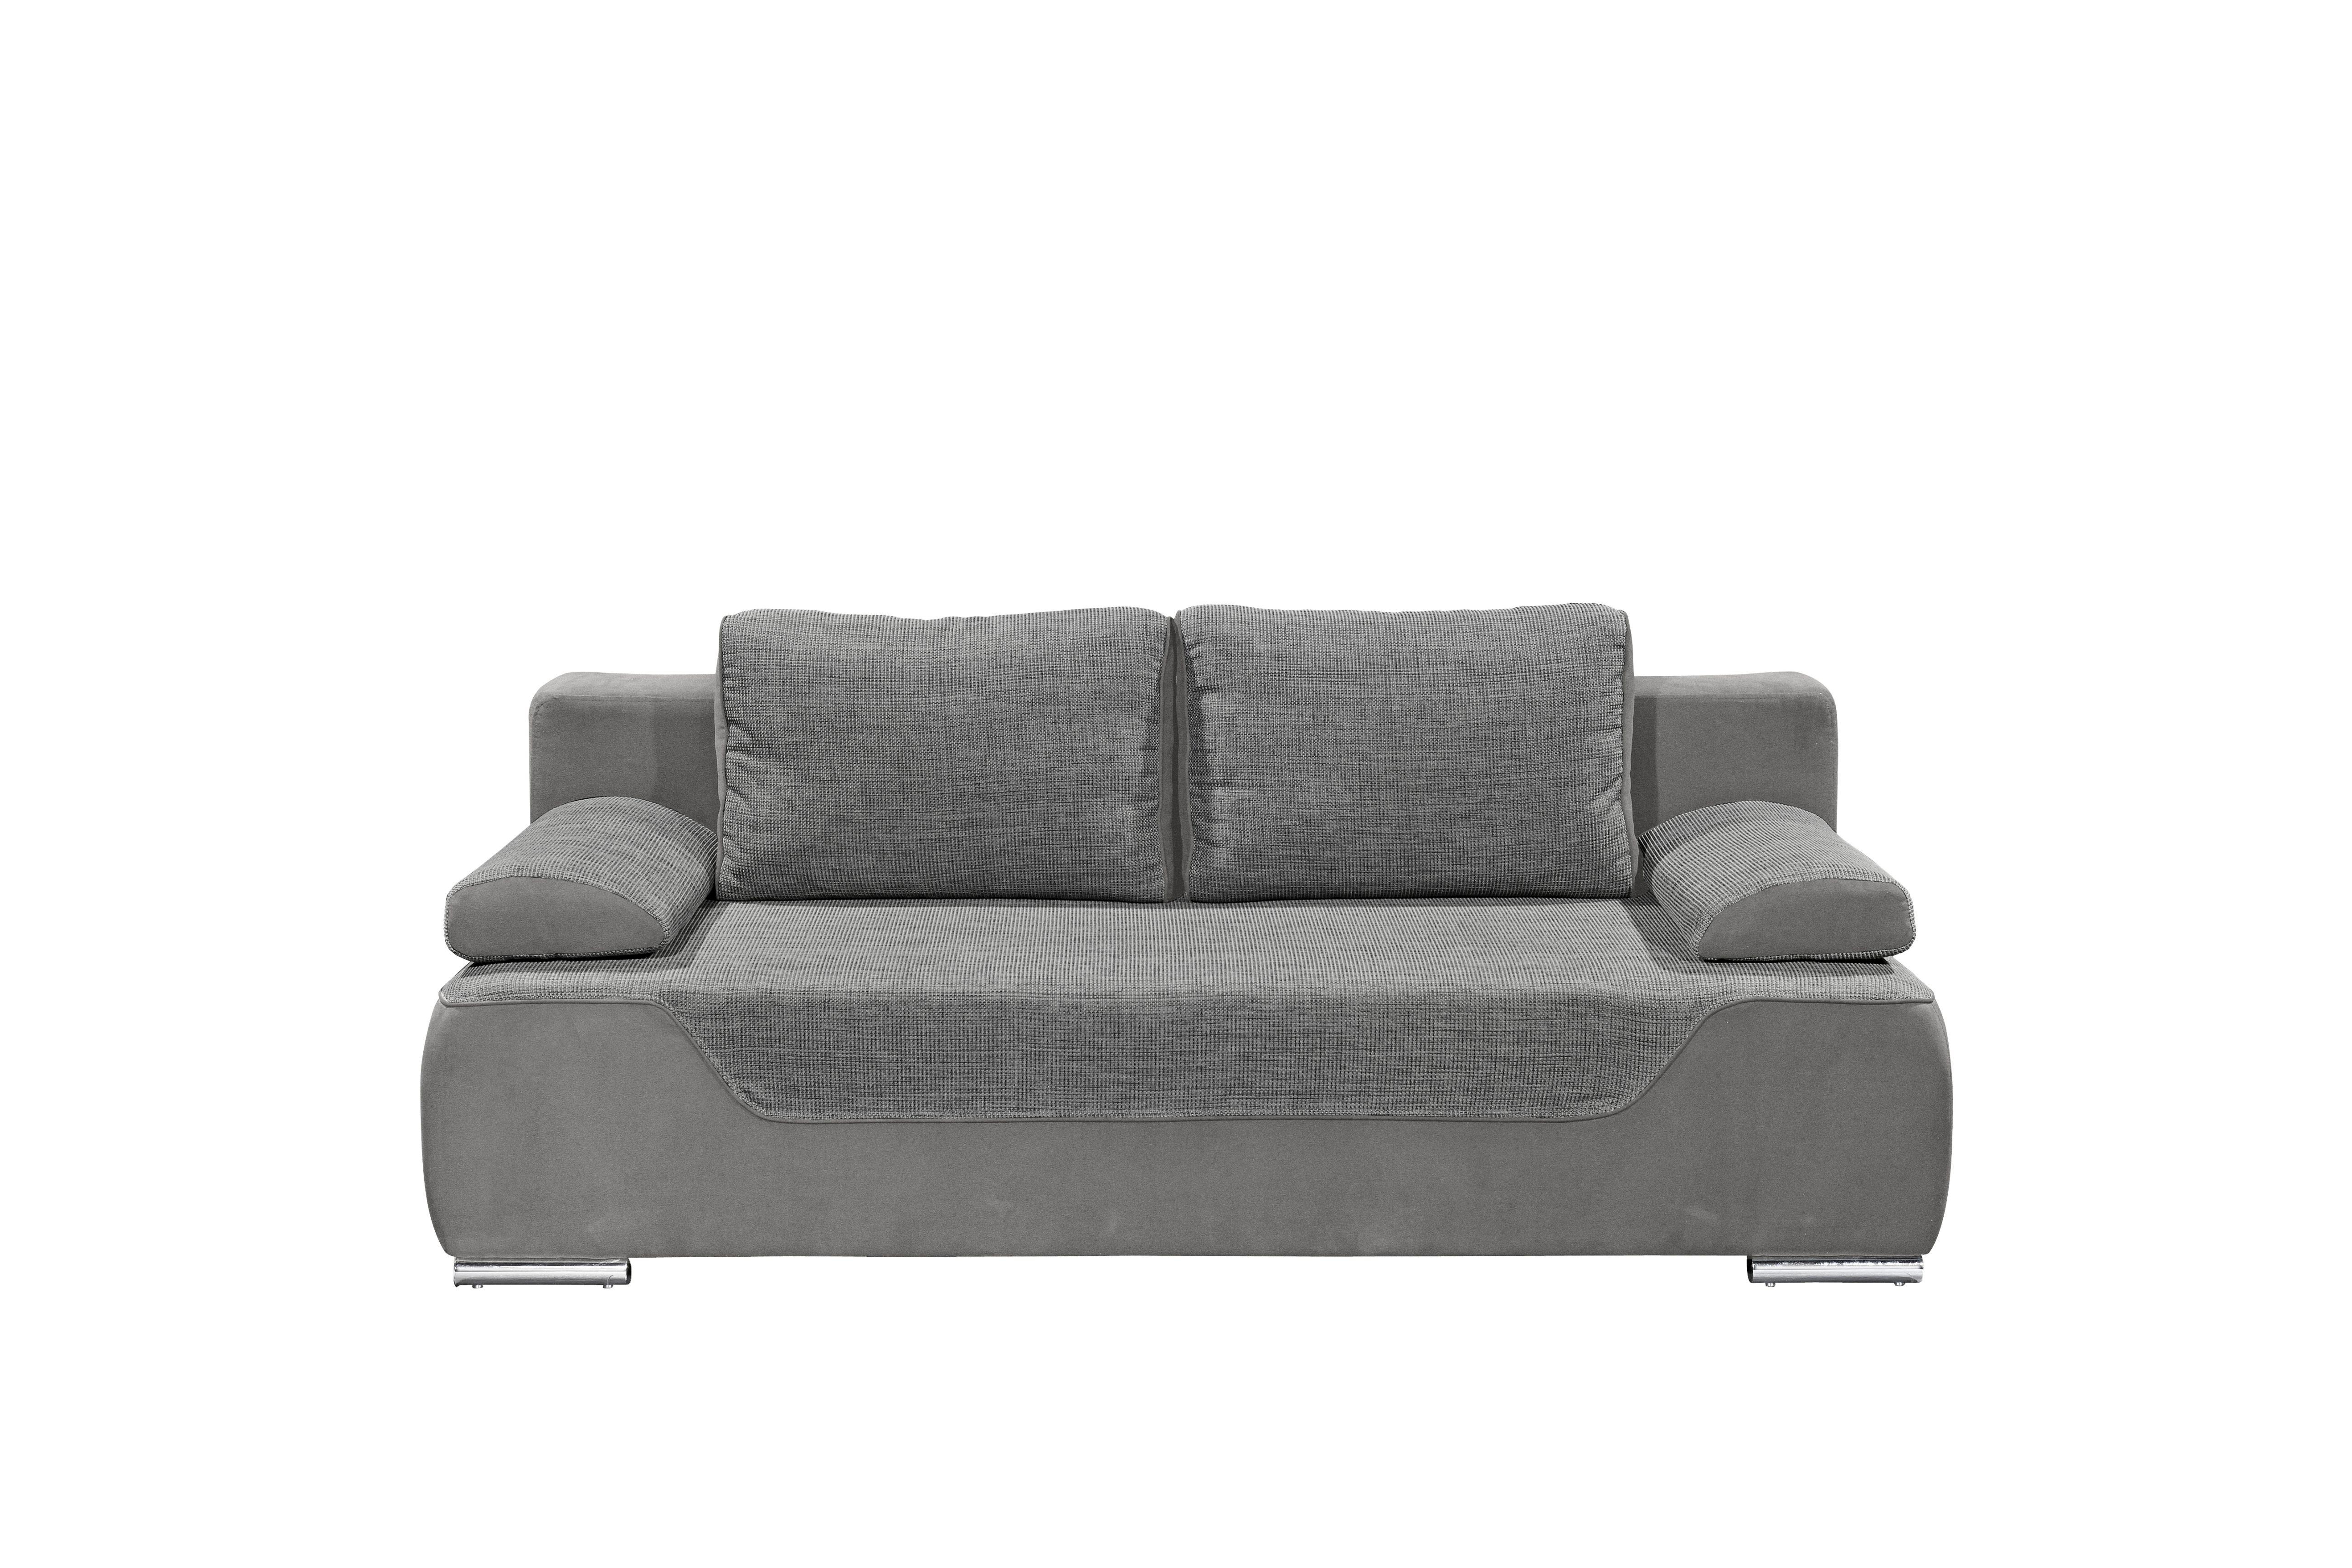 Couch Schlafsofa Sofabett Funktionssofa Ausziehbar Grau 200 Cm Ebay